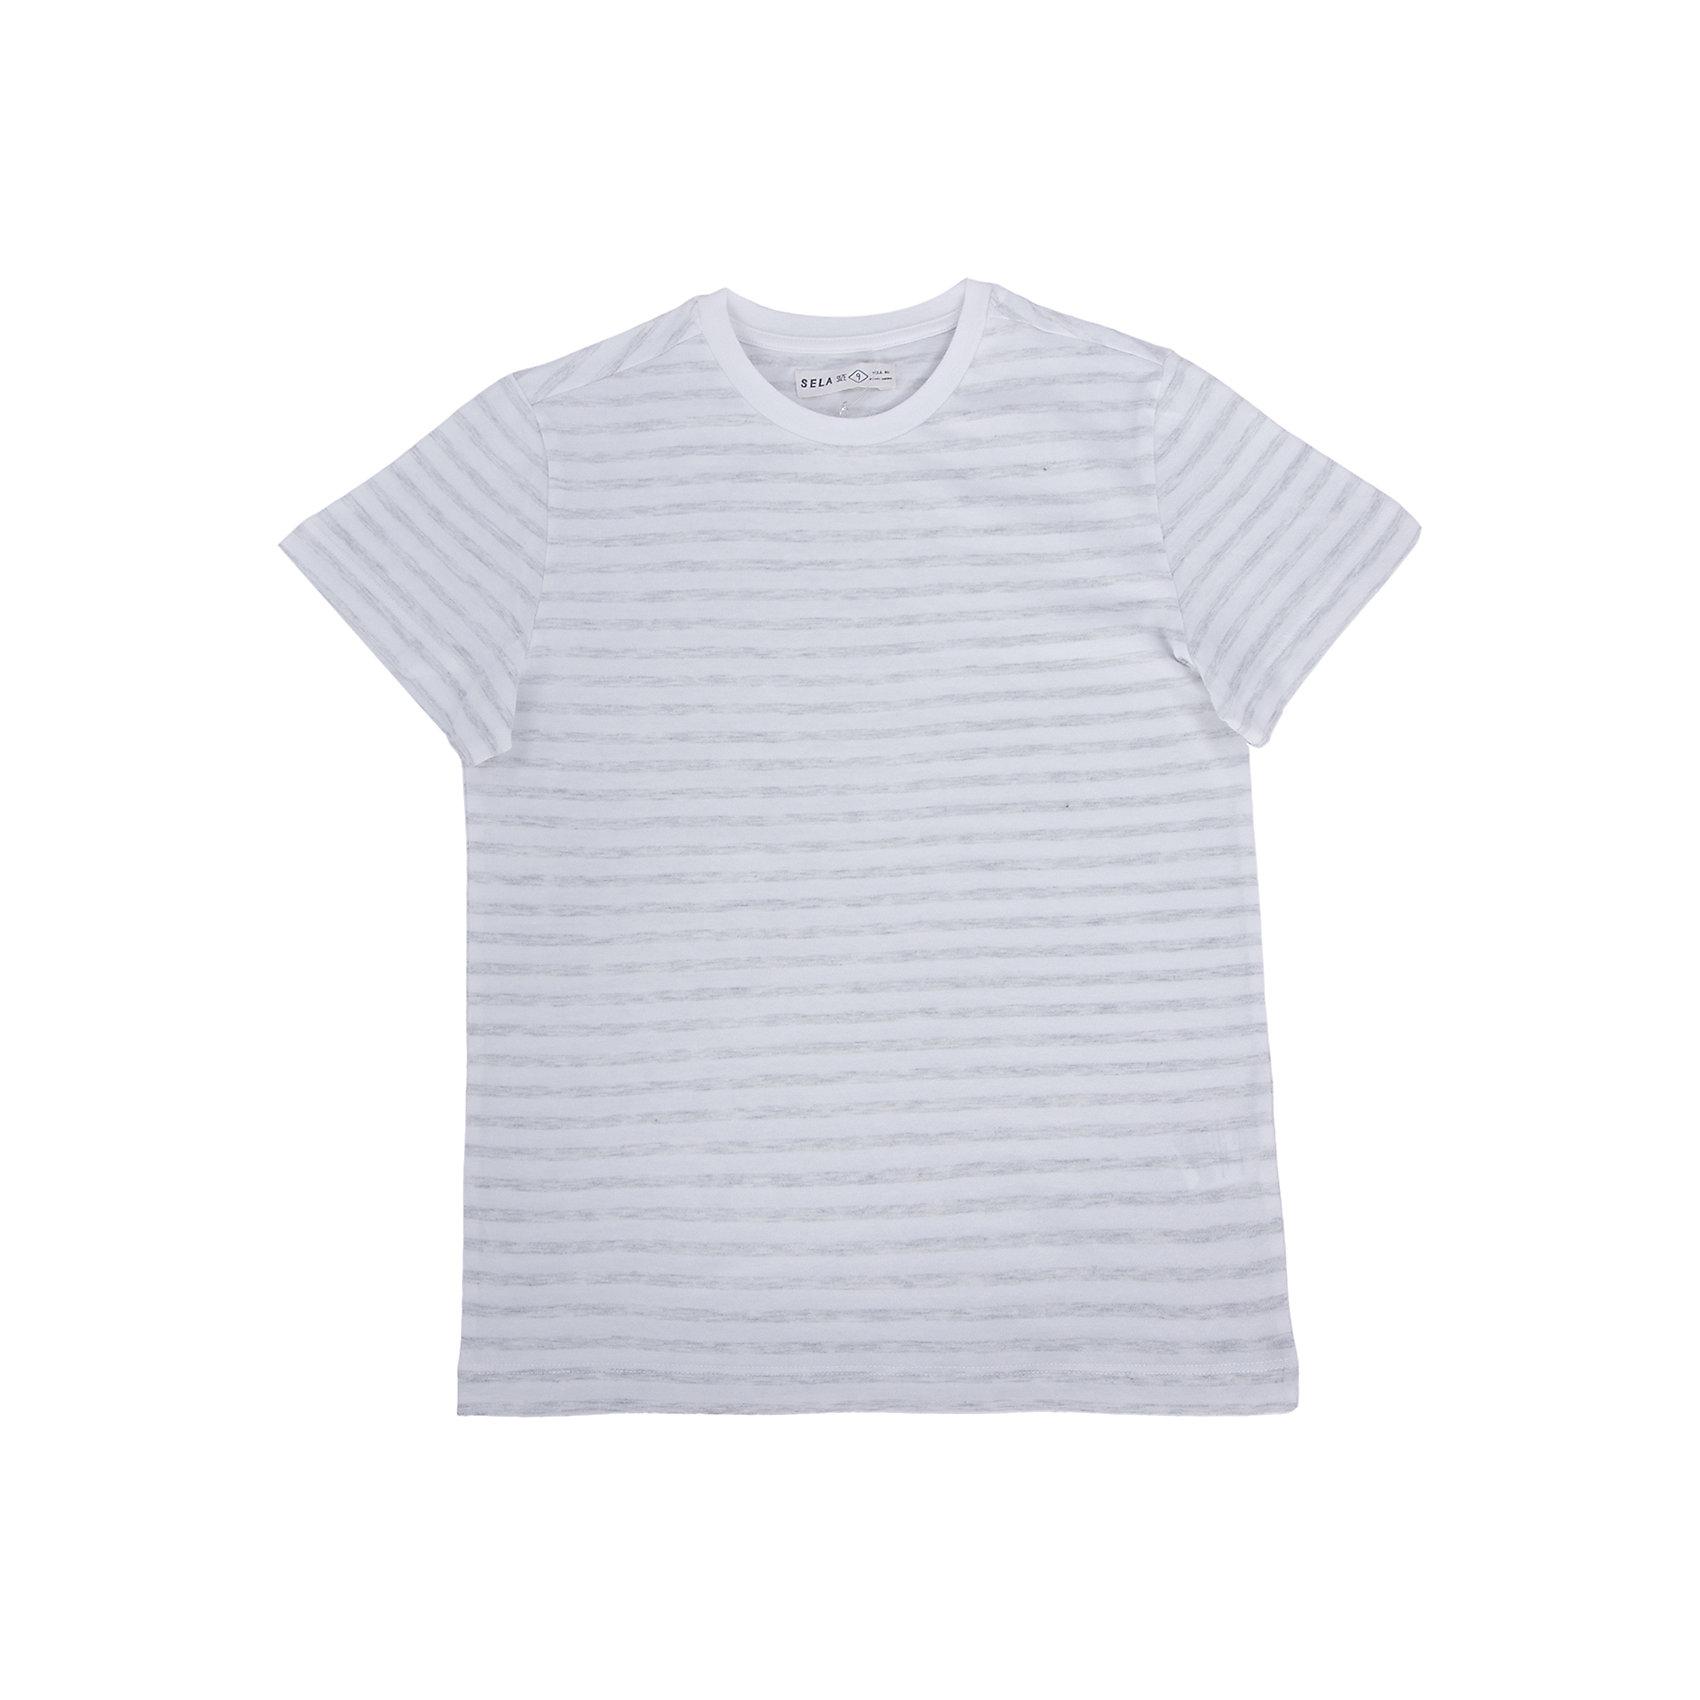 Футболка для мальчика SELAФутболки, поло и топы<br>Стильная футболка для мальчика от популярного бренда SELA. Изделие выполнено из натурального гипоаллергенного трикотажа, очень мягкого, дышащего и приятного к телу, и обладает следующими особенностями:<br>- модная полоска;<br>- эластичная отделка горловины;<br>- комфортный крой, гарантирующий свободу движений;<br>- базовая модель.<br>Великолепный выбор для активного лета!<br><br>Дополнительная информация:<br>- состав: 100% хлопок<br>- цвет: белый + серый меланж<br><br>Футболку для мальчика SELA (СЕЛА) можно купить в нашем магазине<br><br>Ширина мм: 230<br>Глубина мм: 40<br>Высота мм: 220<br>Вес г: 250<br>Цвет: белый<br>Возраст от месяцев: 120<br>Возраст до месяцев: 132<br>Пол: Мужской<br>Возраст: Детский<br>Размер: 146,116,152,122,128,134,140<br>SKU: 4741303